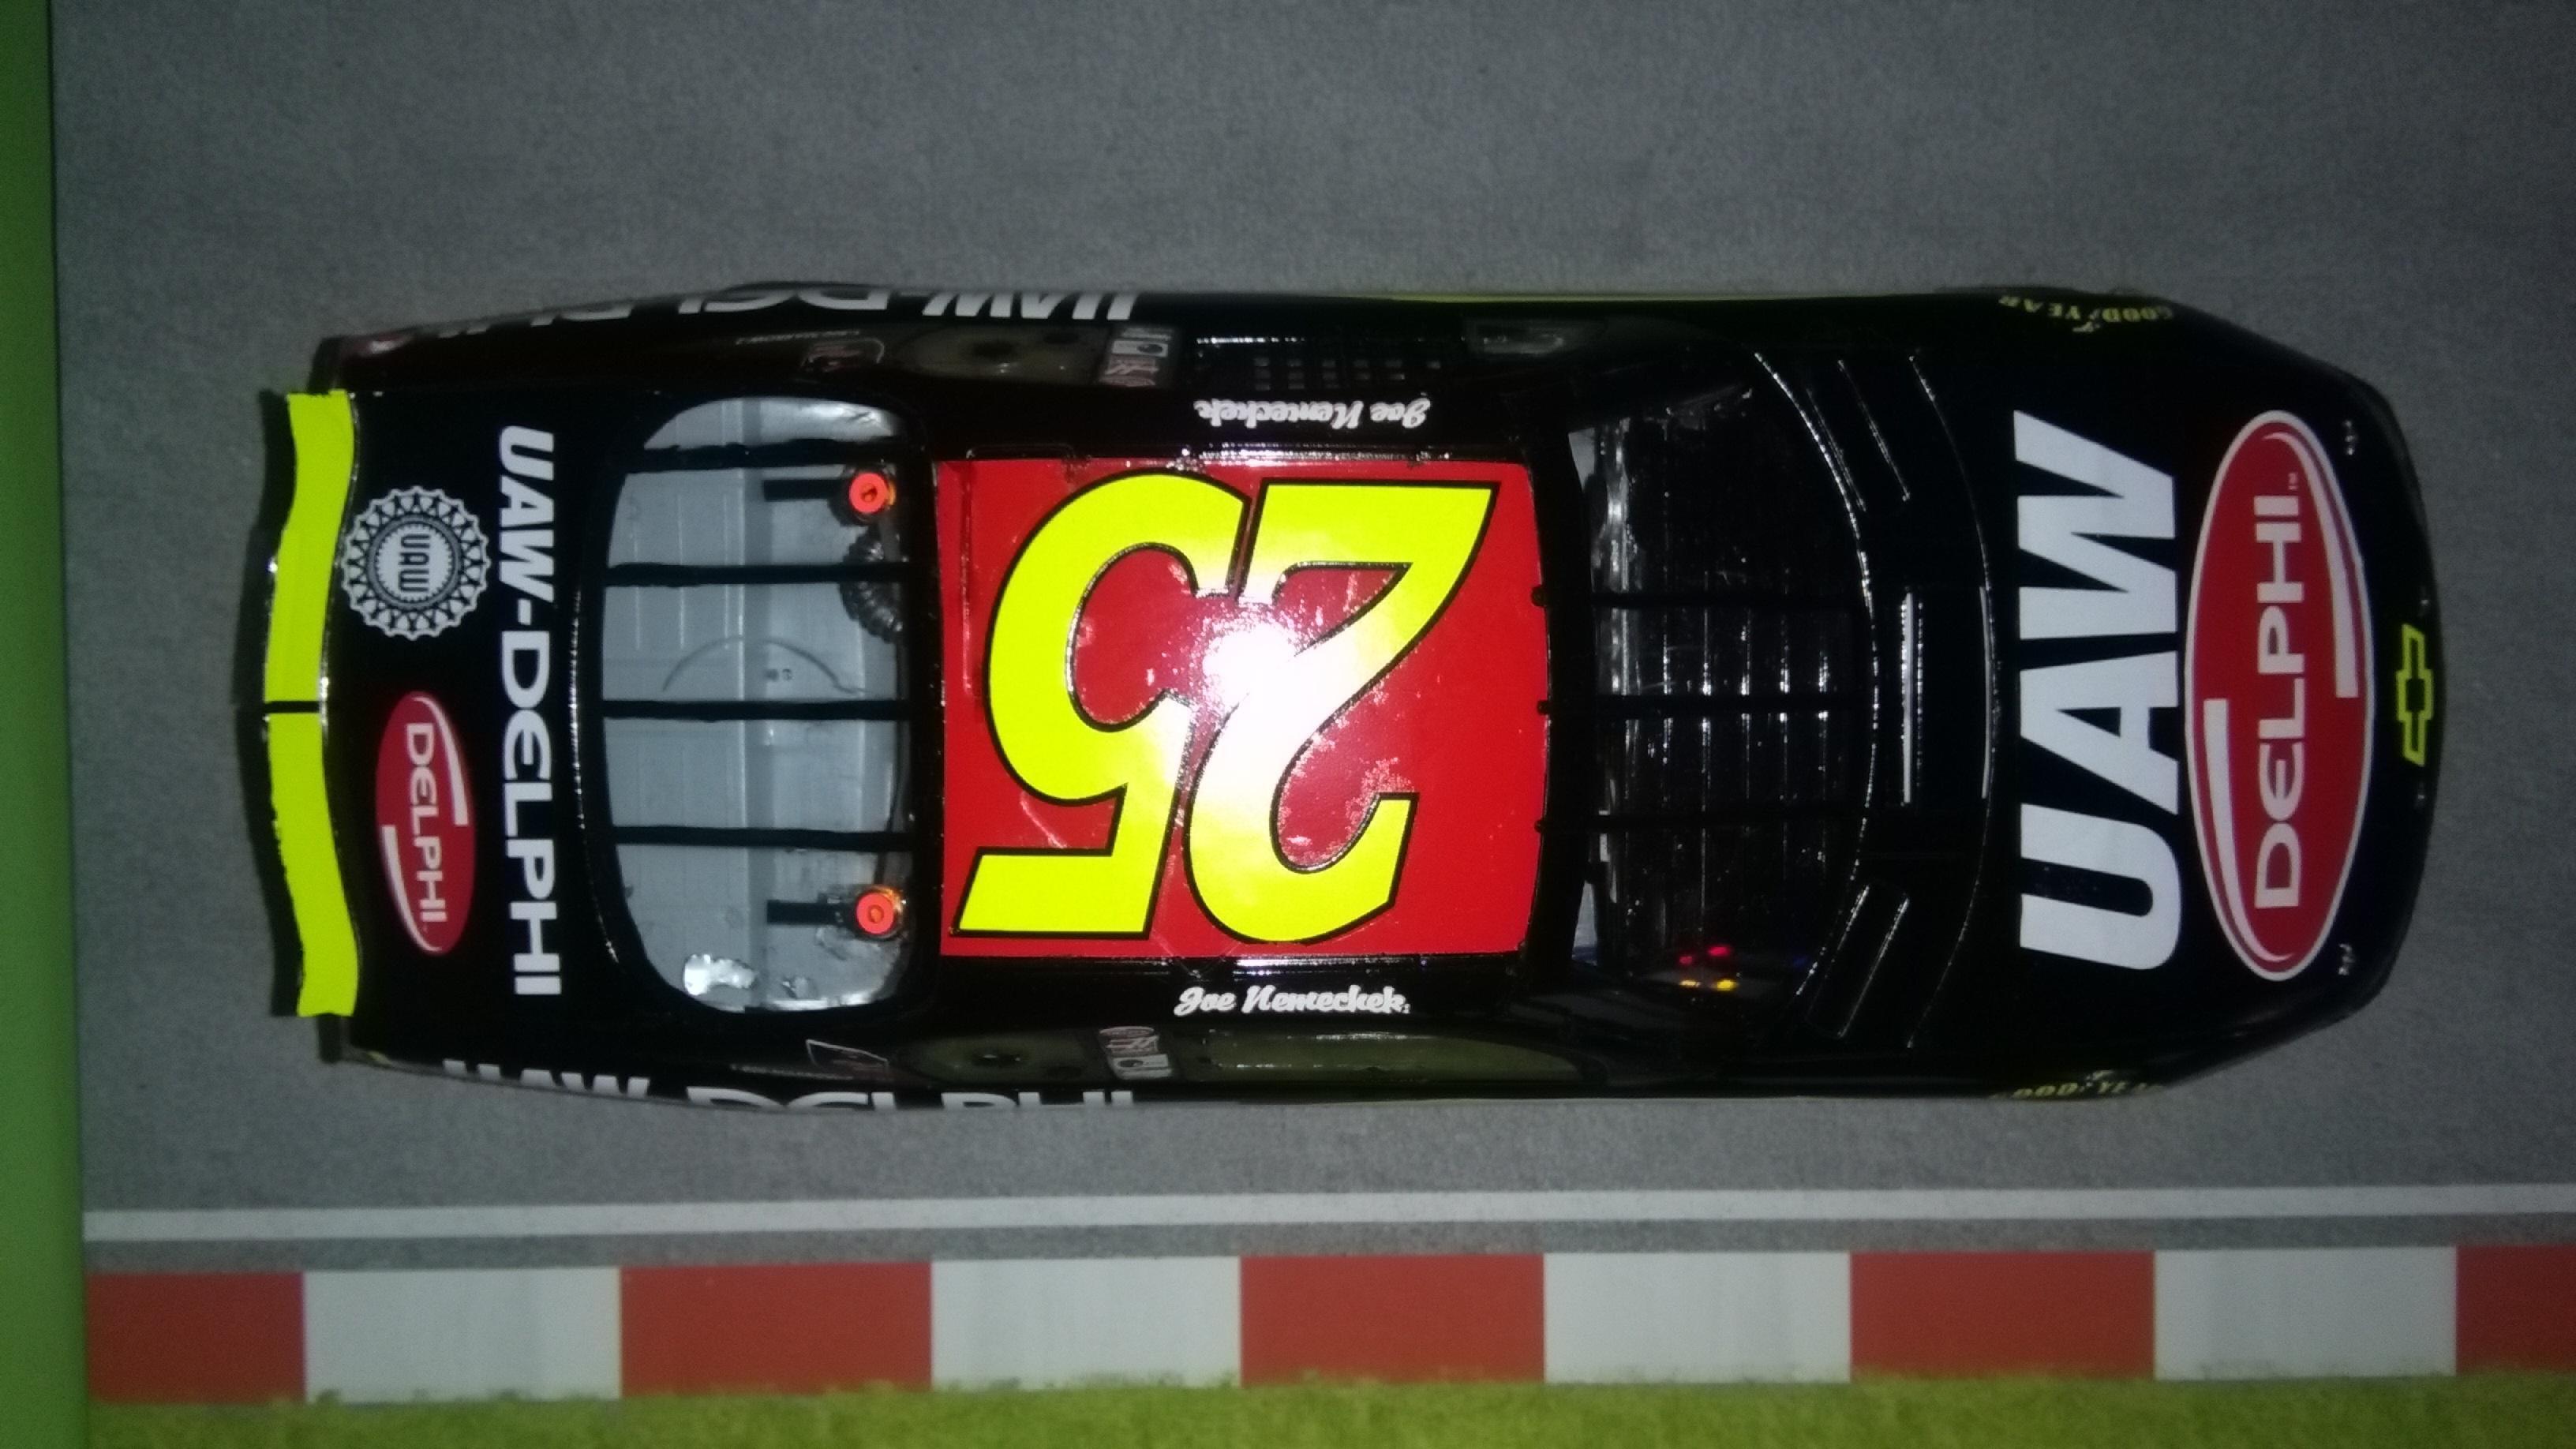 Chevy Monte-Carlo 2002 #25 Joe Nemechek UAW-Delphi  136852IMG20180107152555